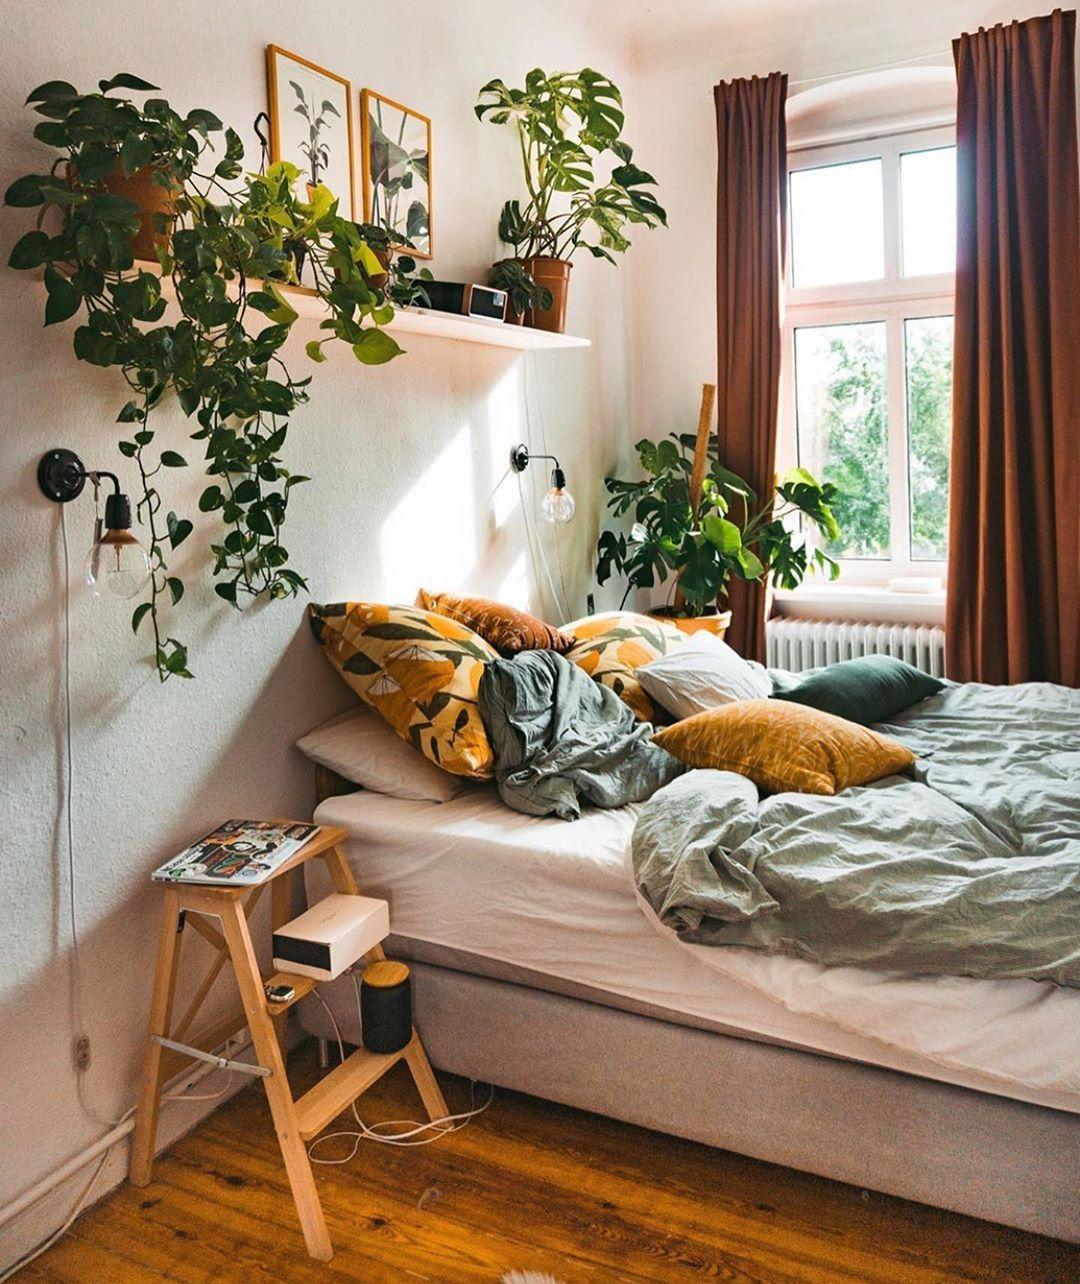 room makeover plants Interior I I Living auf Instagram: [werbung/advertising] Dieses Jahr gebe ich meinen Jahresrckblick an unser Schlafzimmer ab. Ich hab das Gefhl, das hat seinen Look dieses